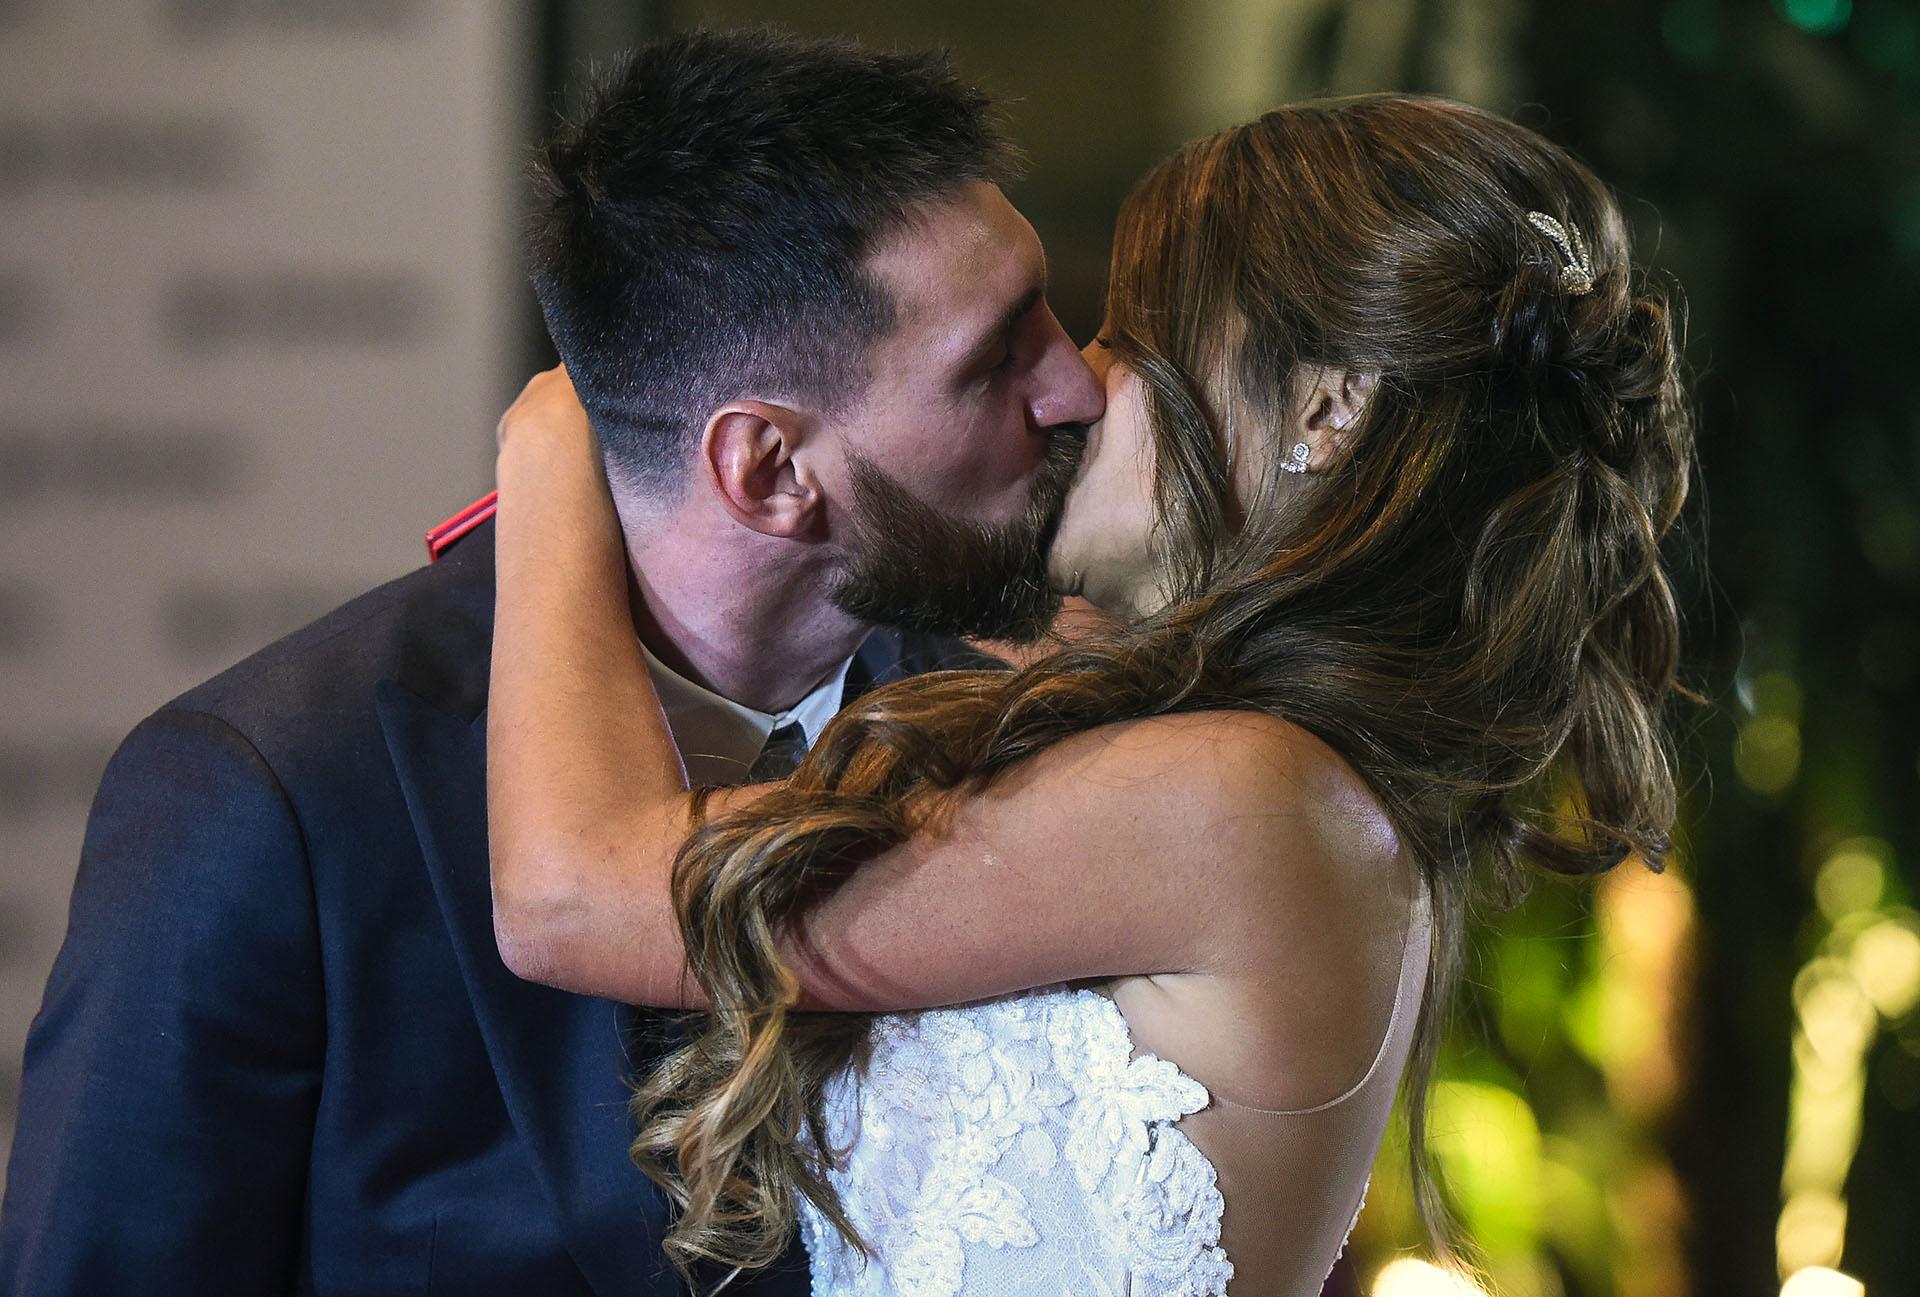 El beso que confirma un amor que atravesó los tiempos: Lionel Messi y Antonela Roccuzzo ya son marido y mujer